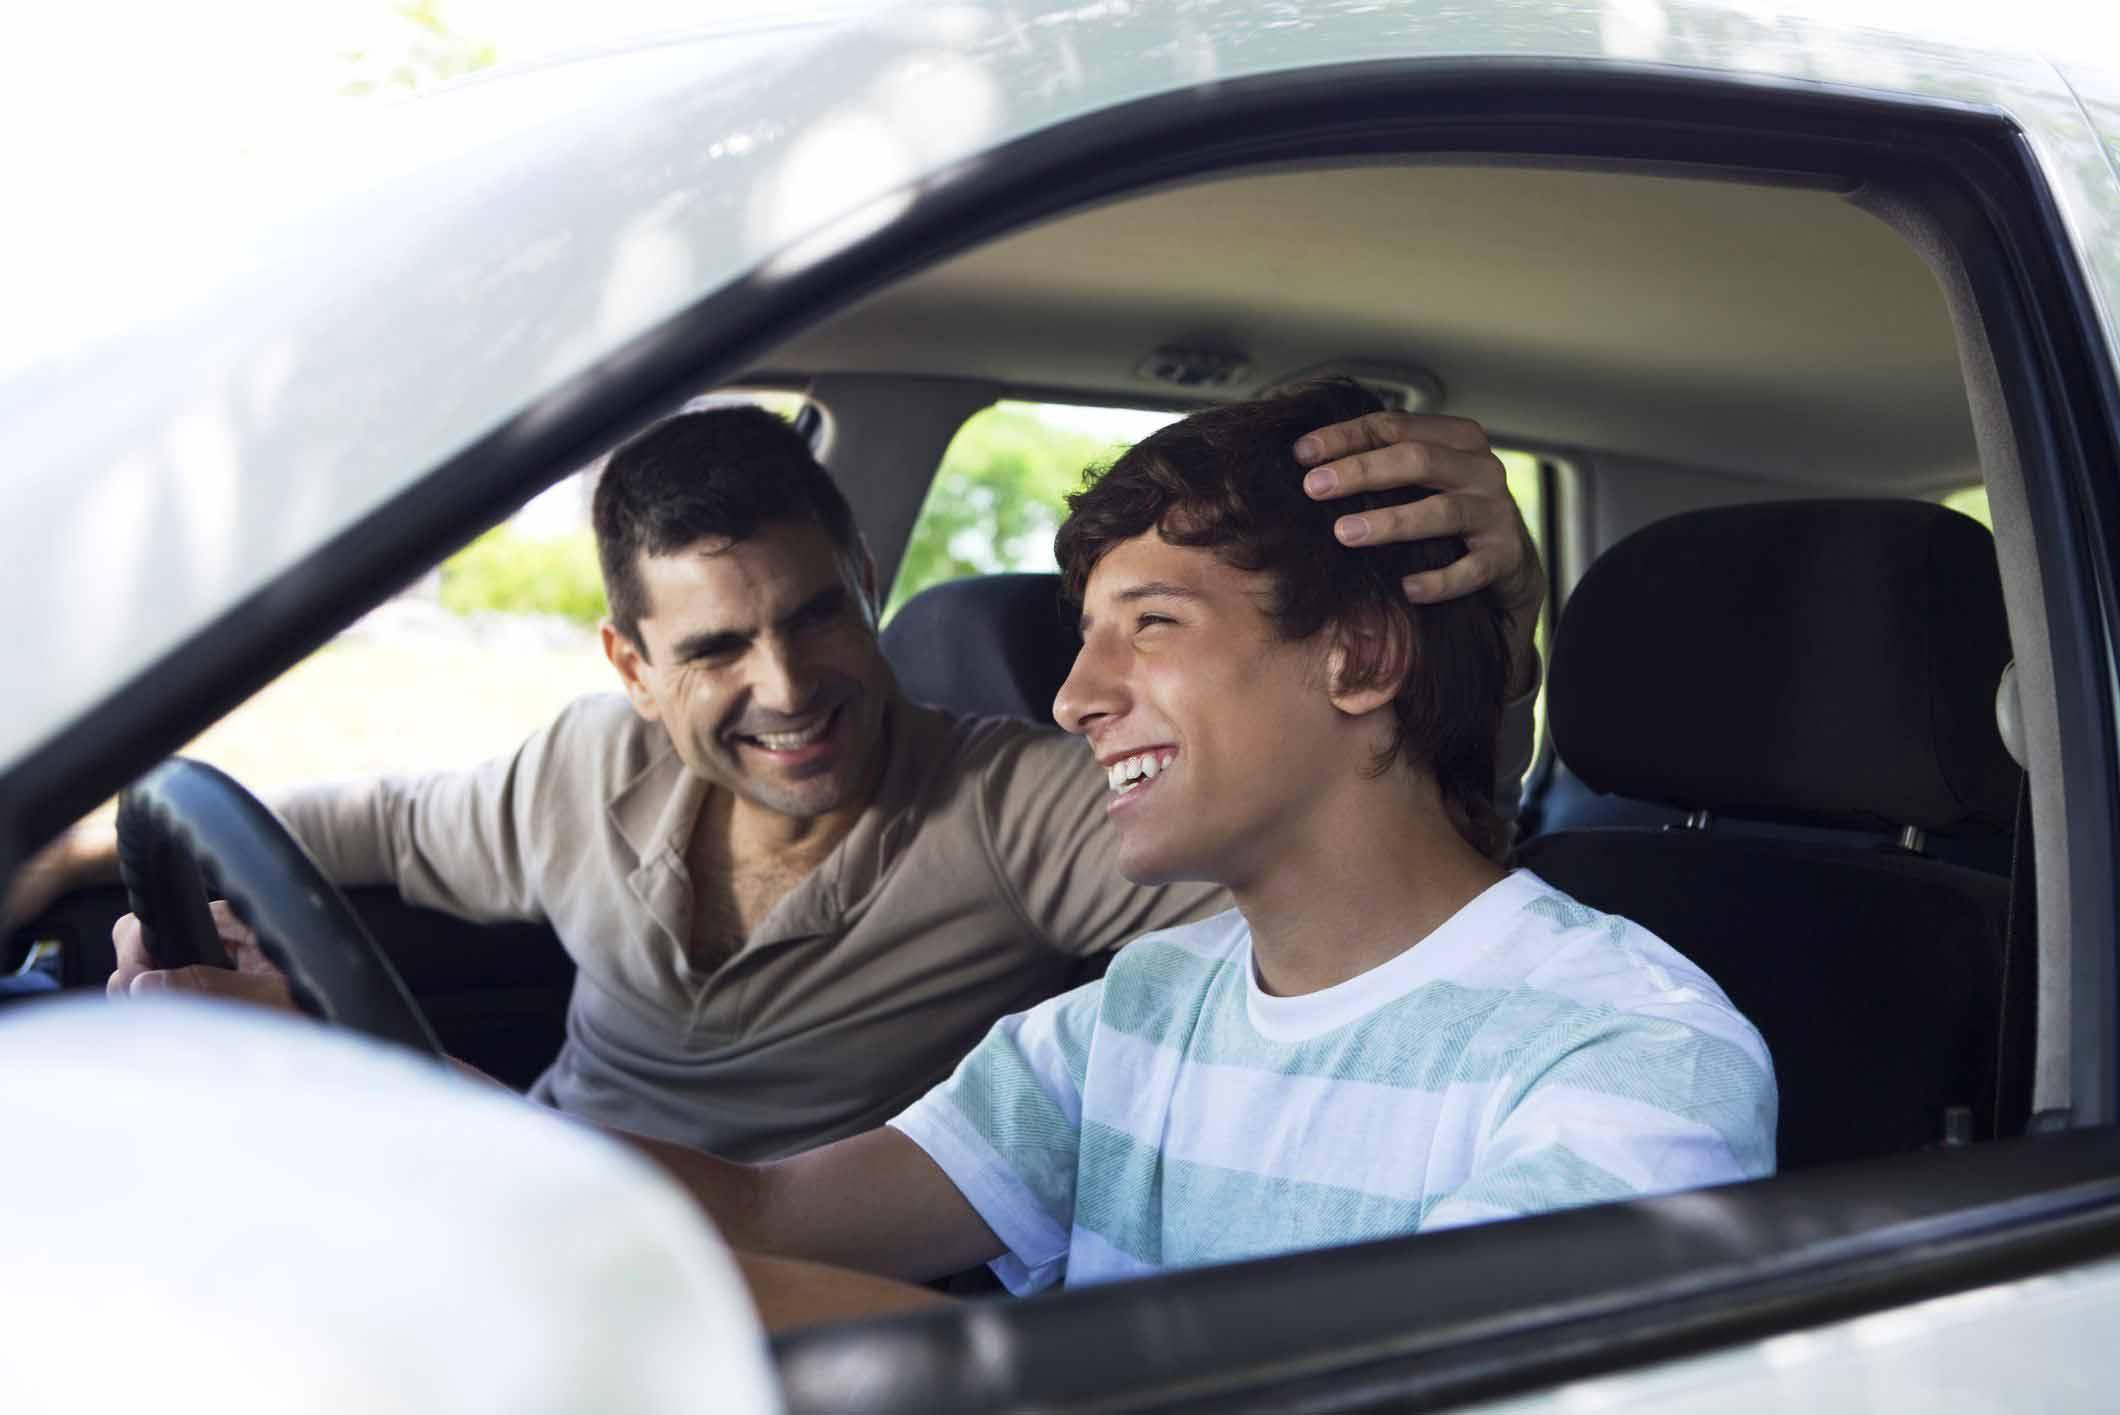 Neopatentato alla guida